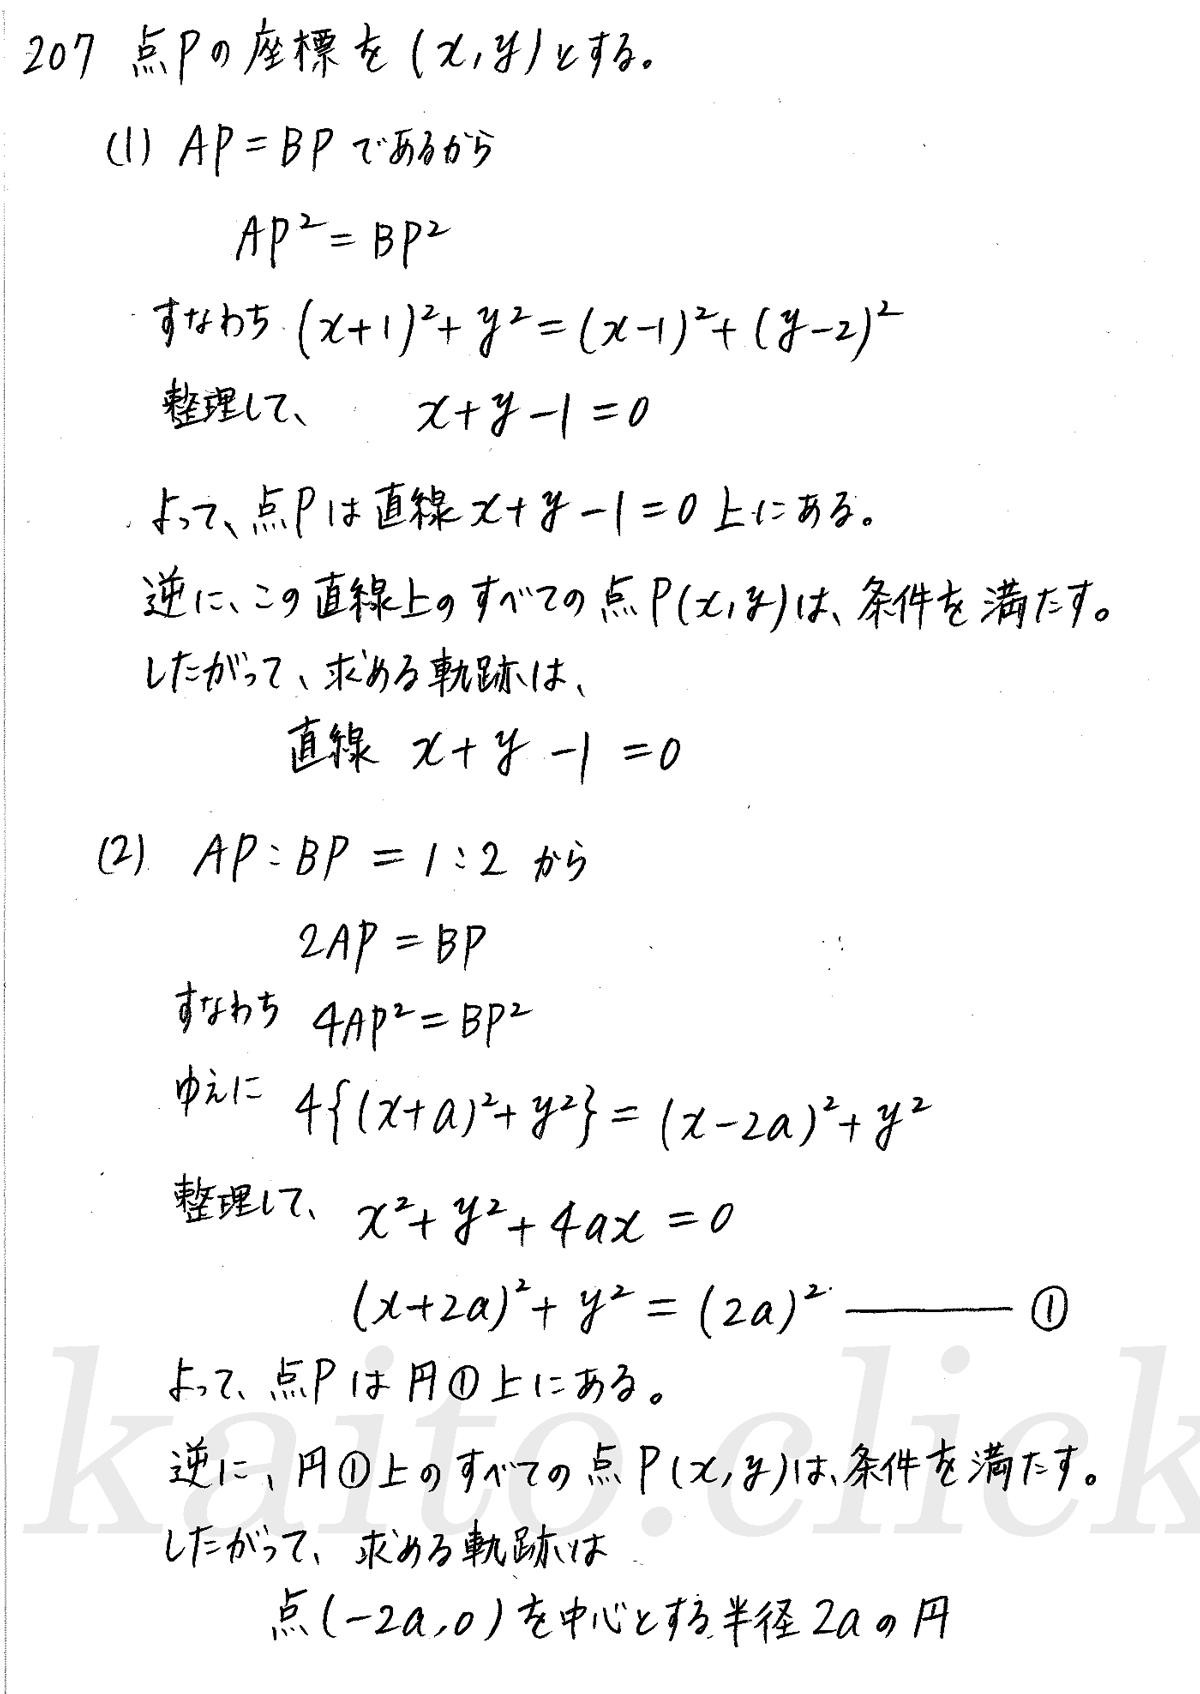 クリアー数学2-207解答